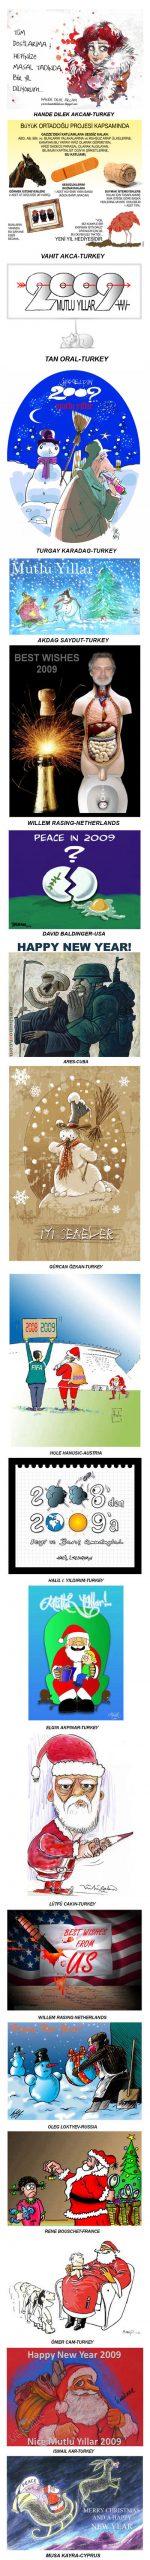 2009-cartoons3.jpg